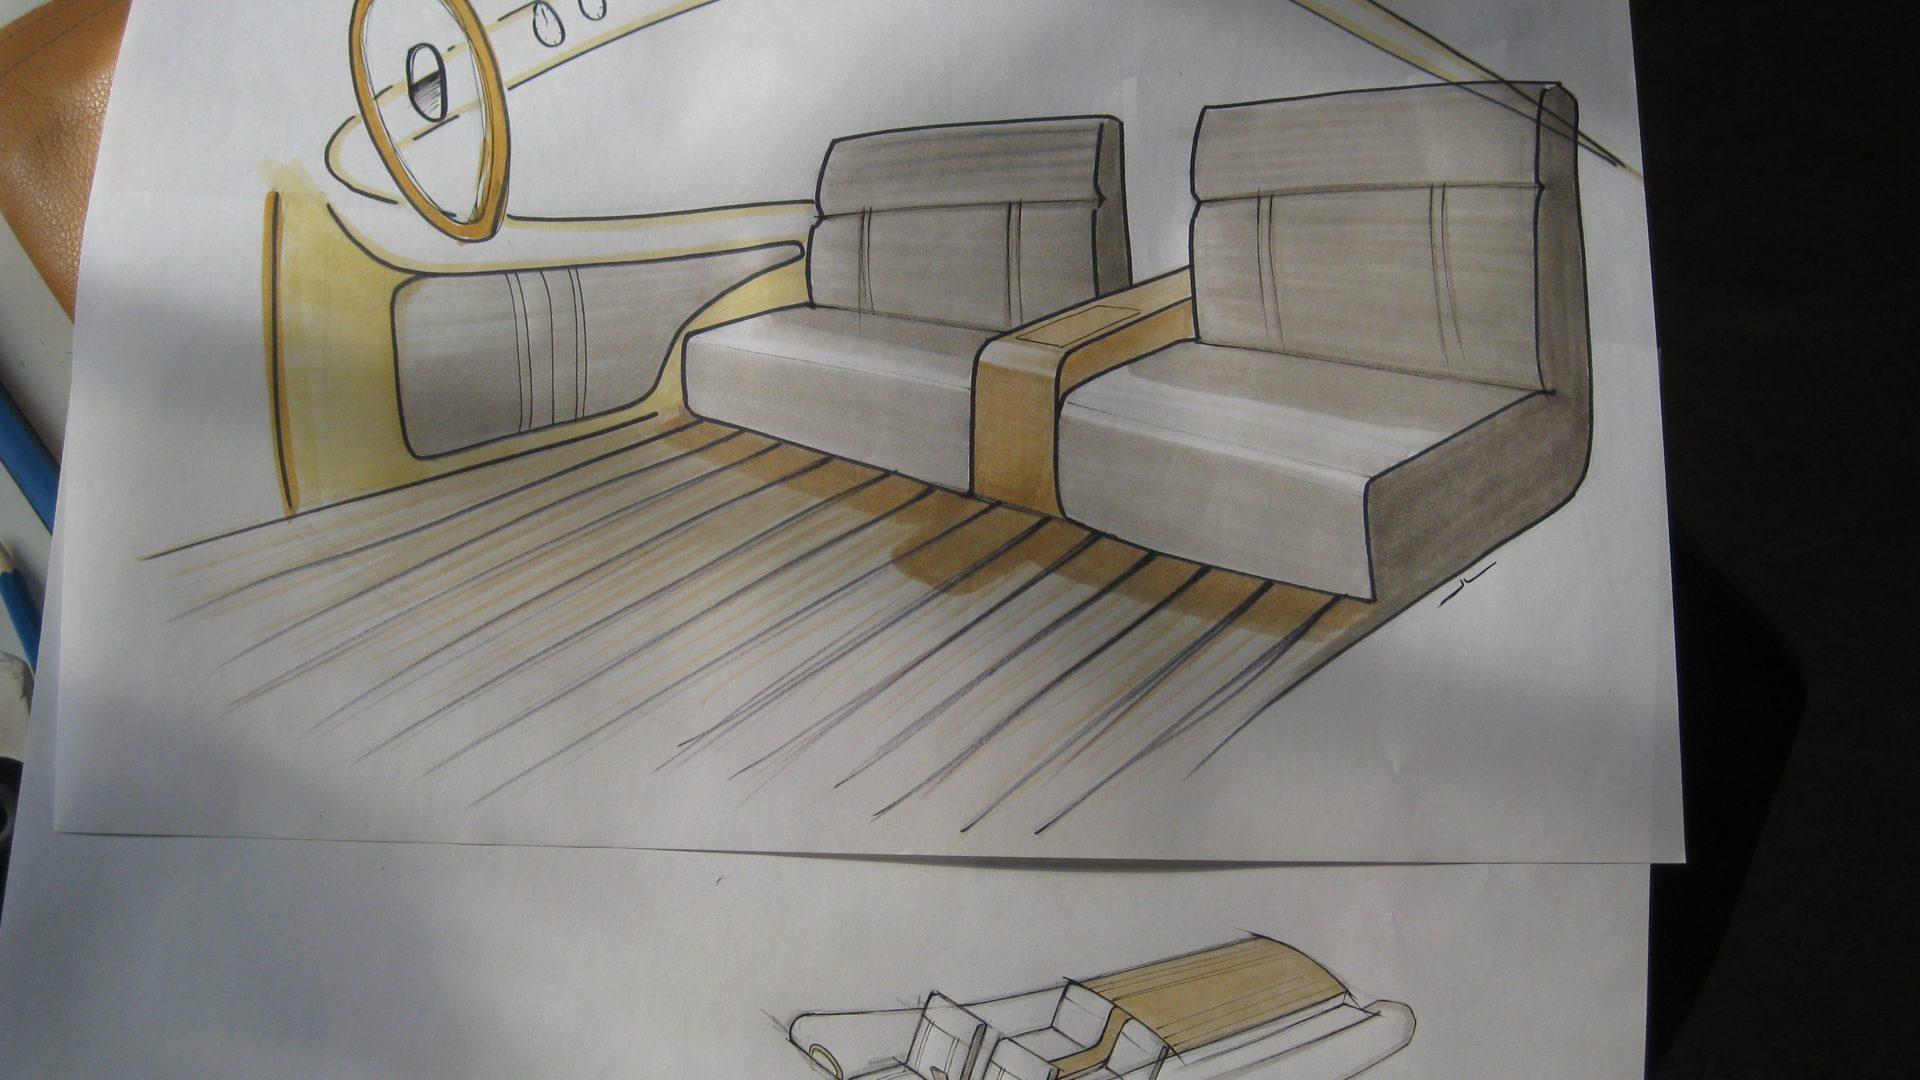 Design/Entwurf der Innenausstattung für ein Boot von FELLERyachting, handgezeichnet.